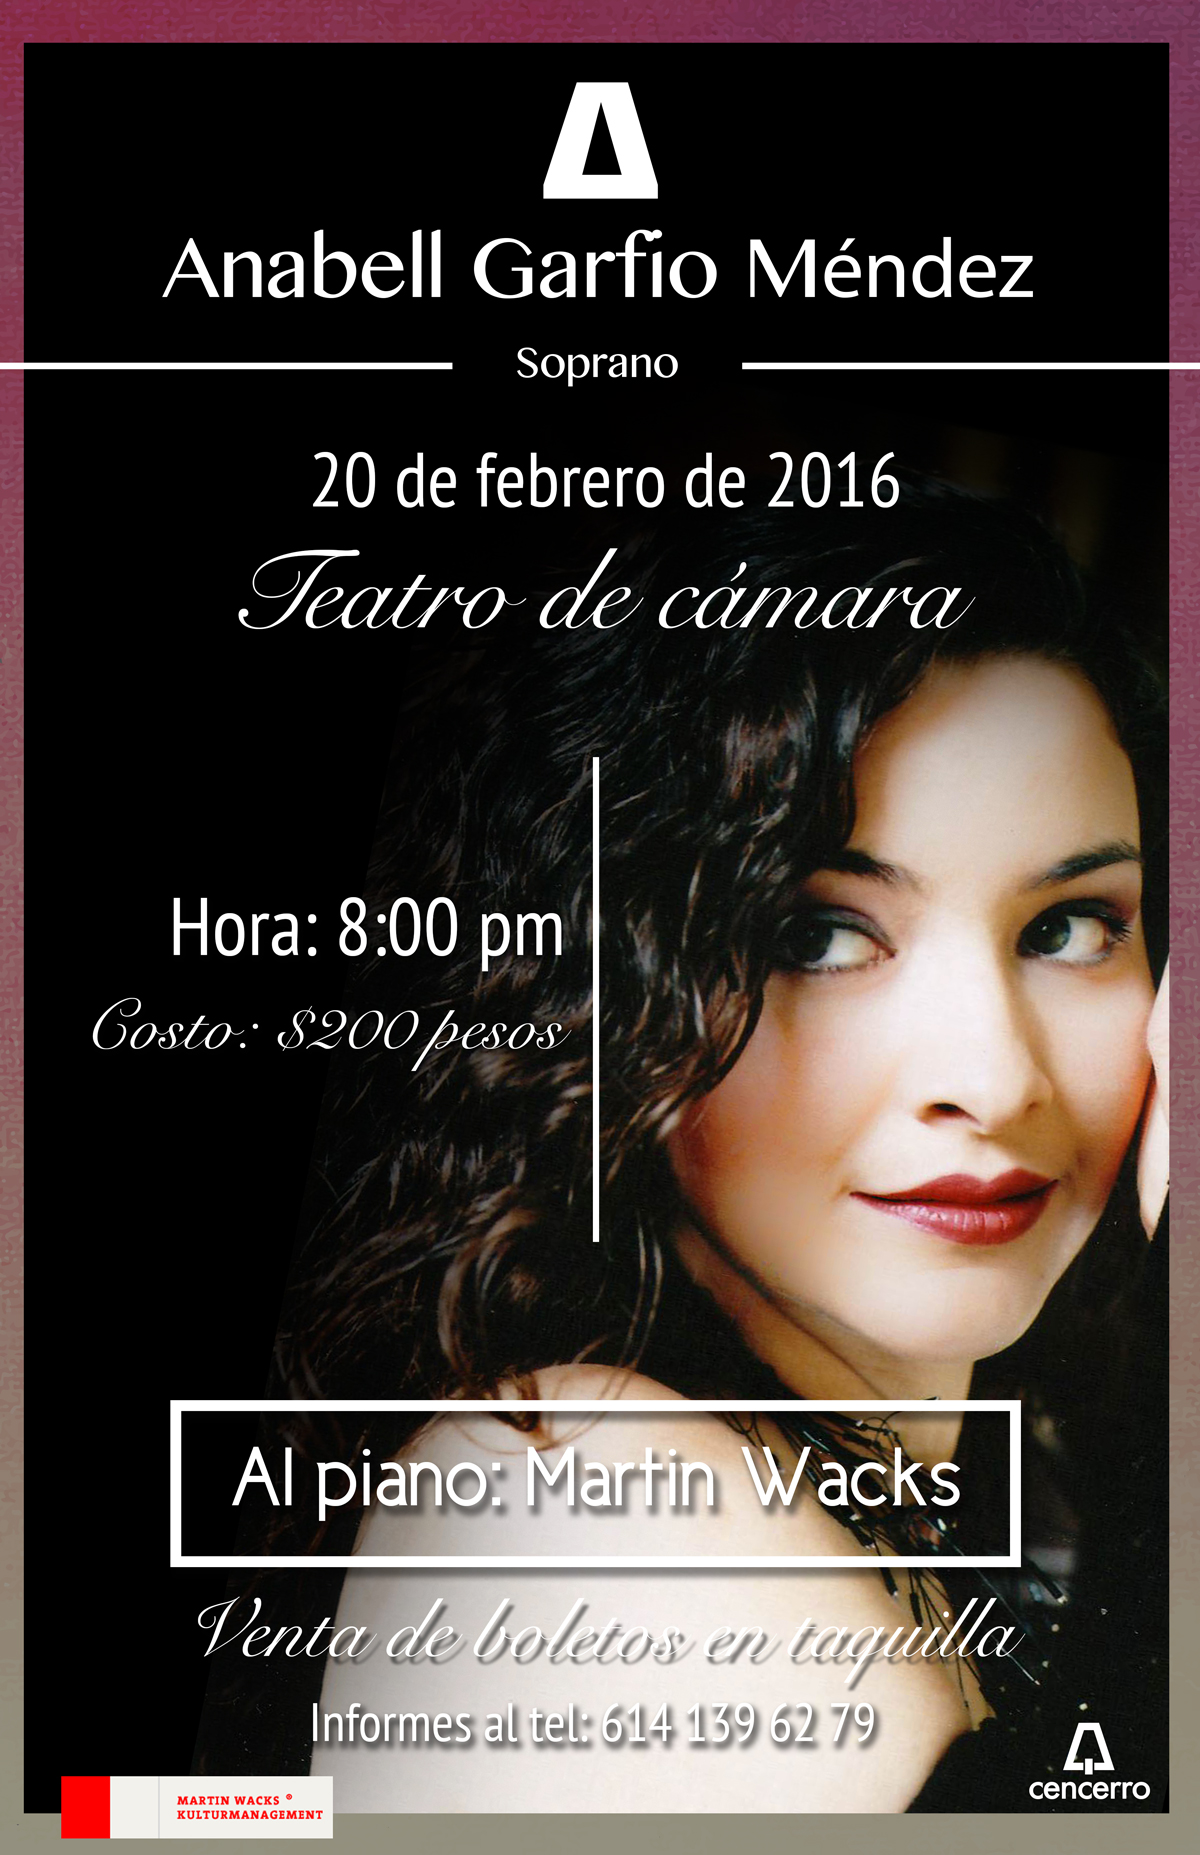 Concierto Anabell Garfio teatro de cámara en Chihuahua